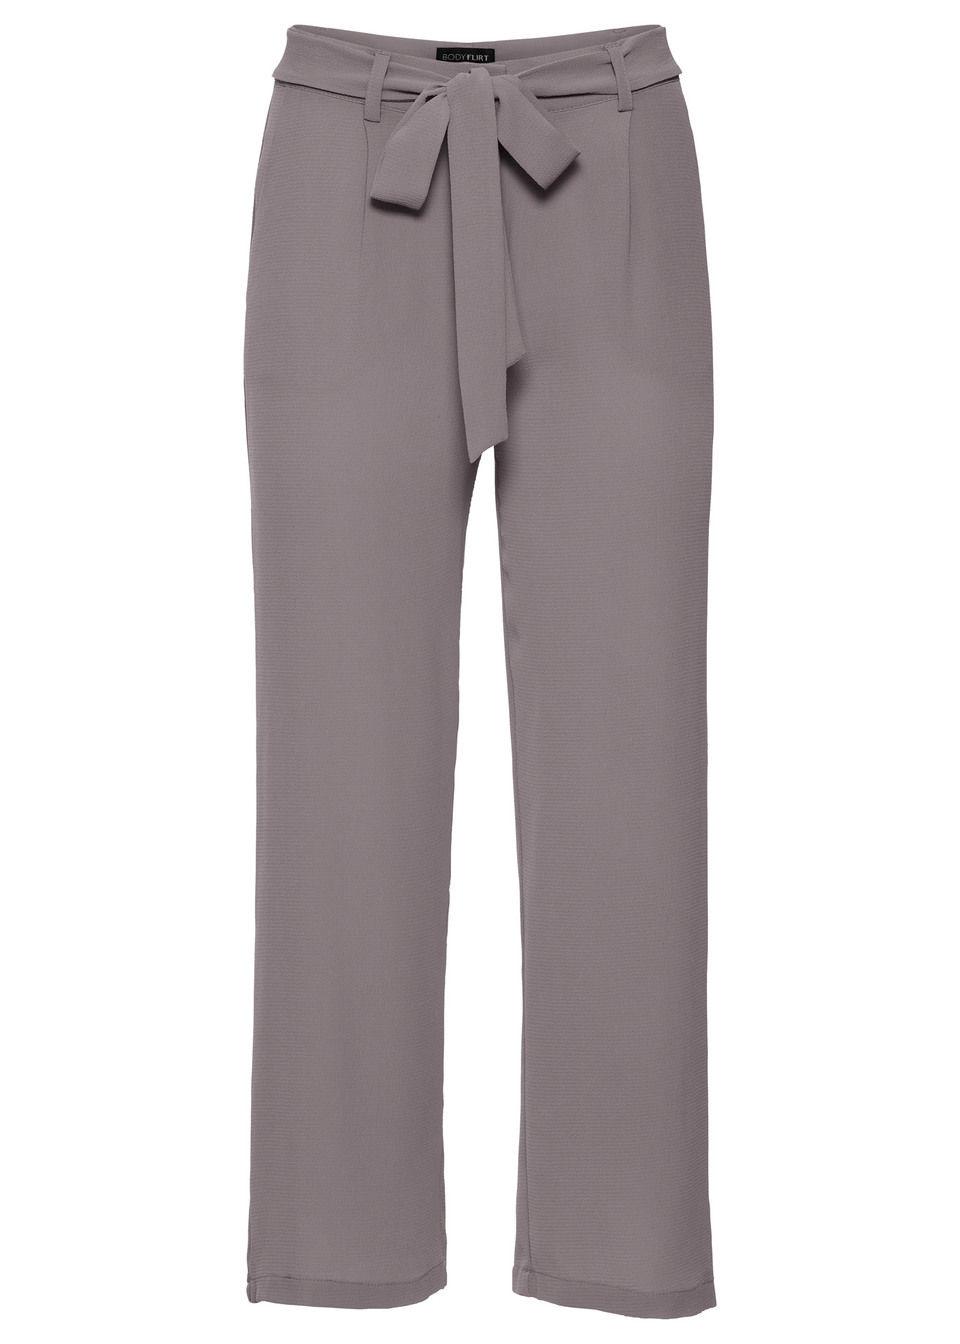 Pantaloni 7/8, croi larg bonprix